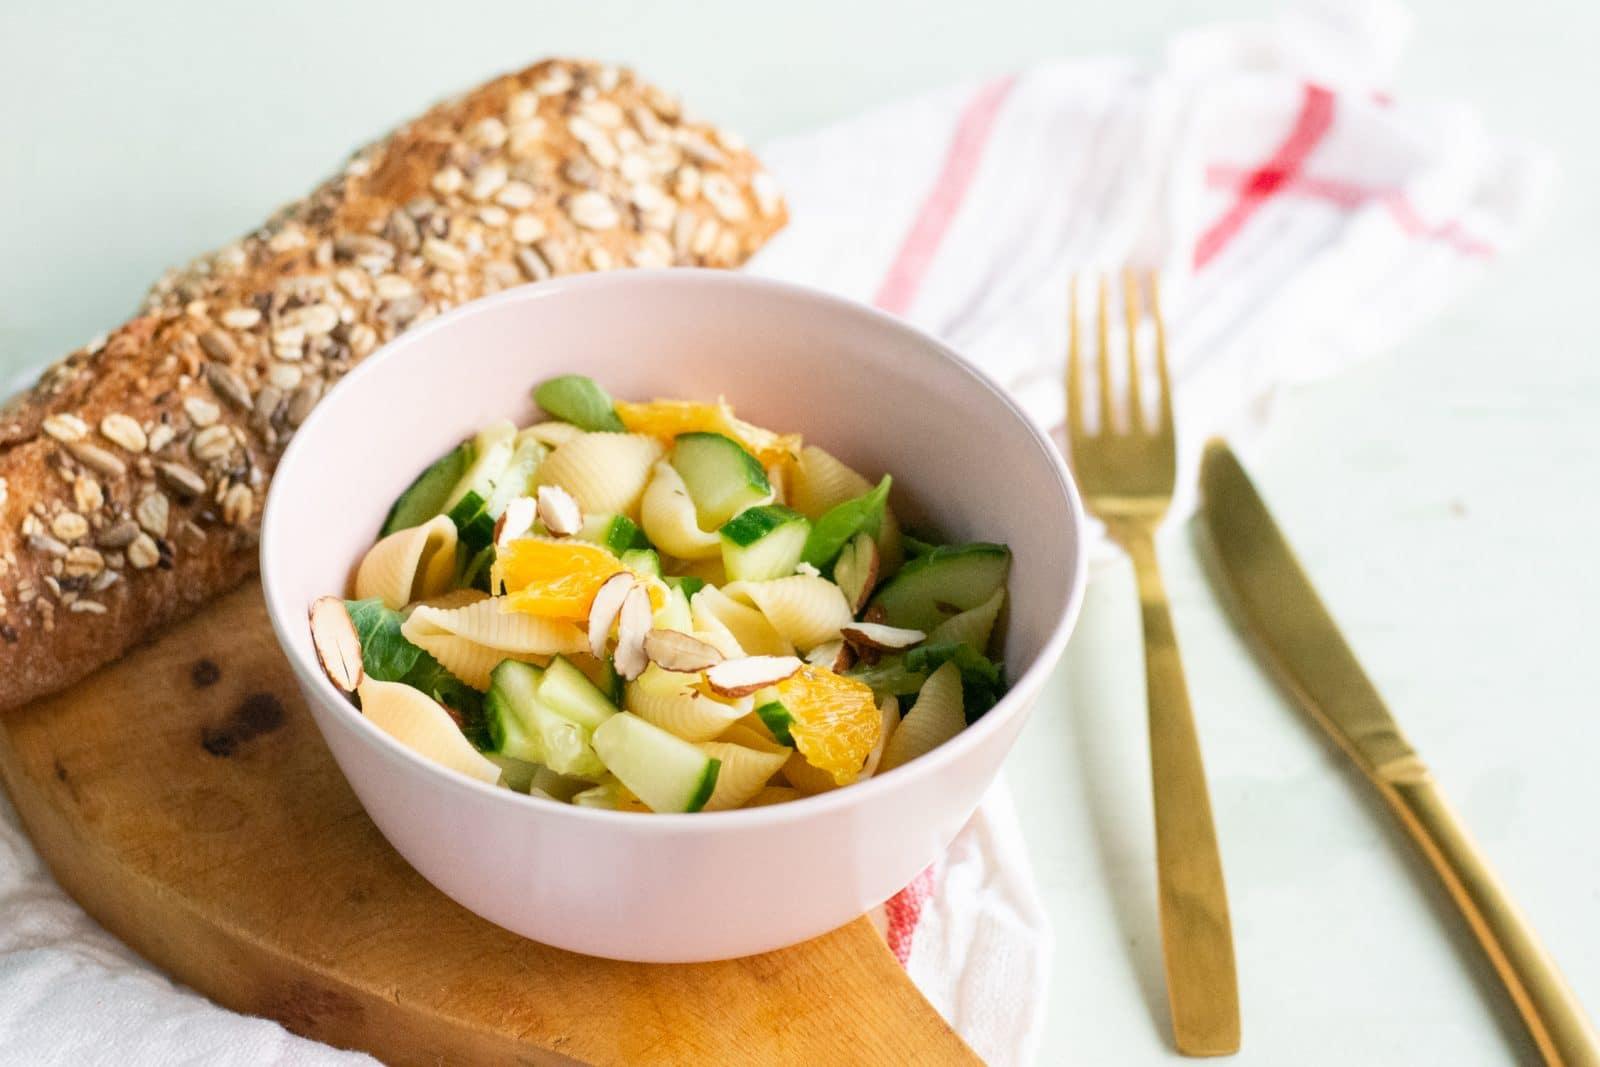 Slaatje van komkommer en sinaasappel met vinaigrette en bio stokbrood